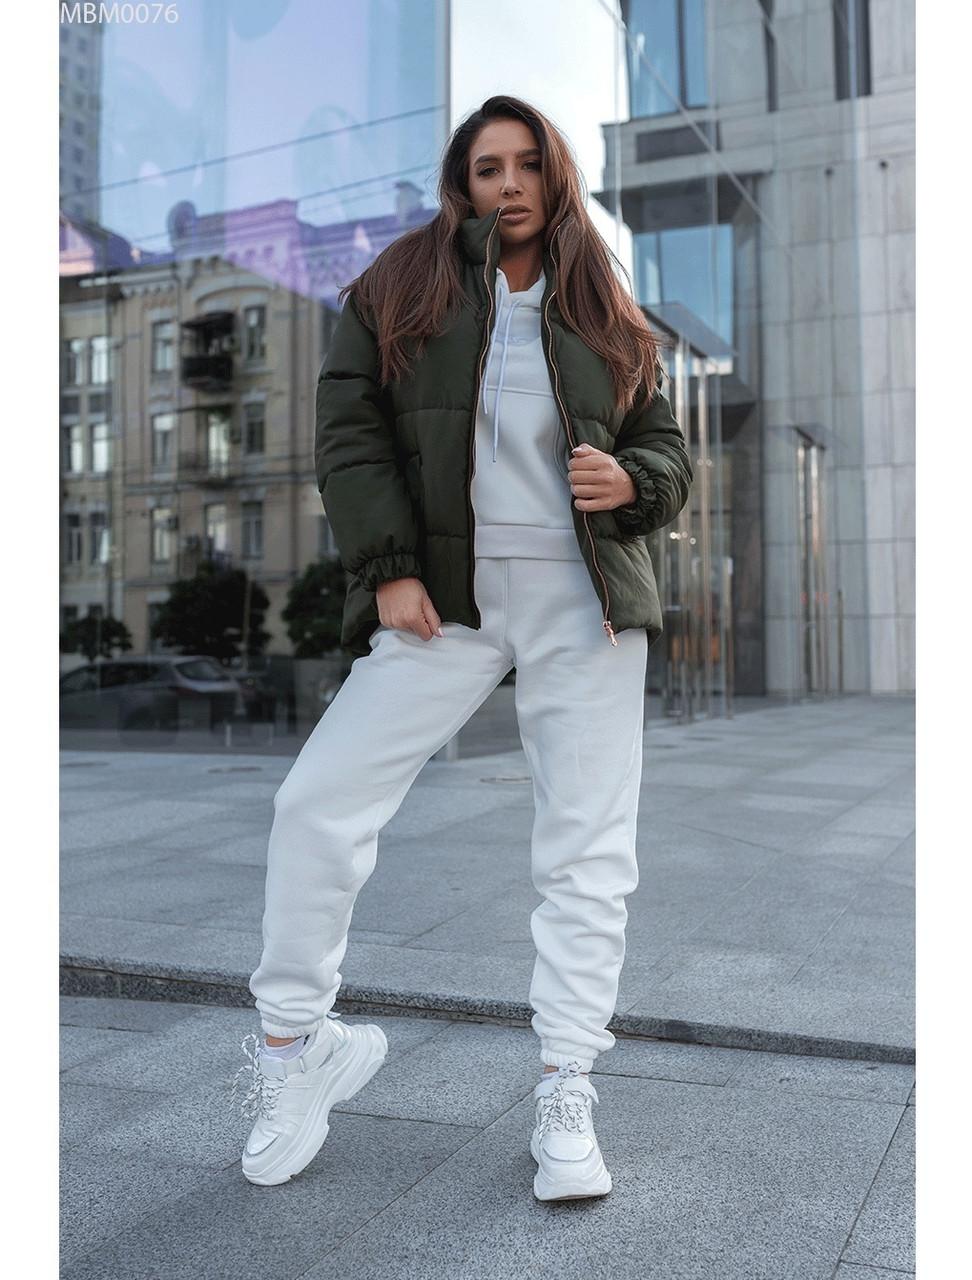 Женская зимняя куртка Staff gerber khaki. [Размеры в наличии: XS,S,M,L]